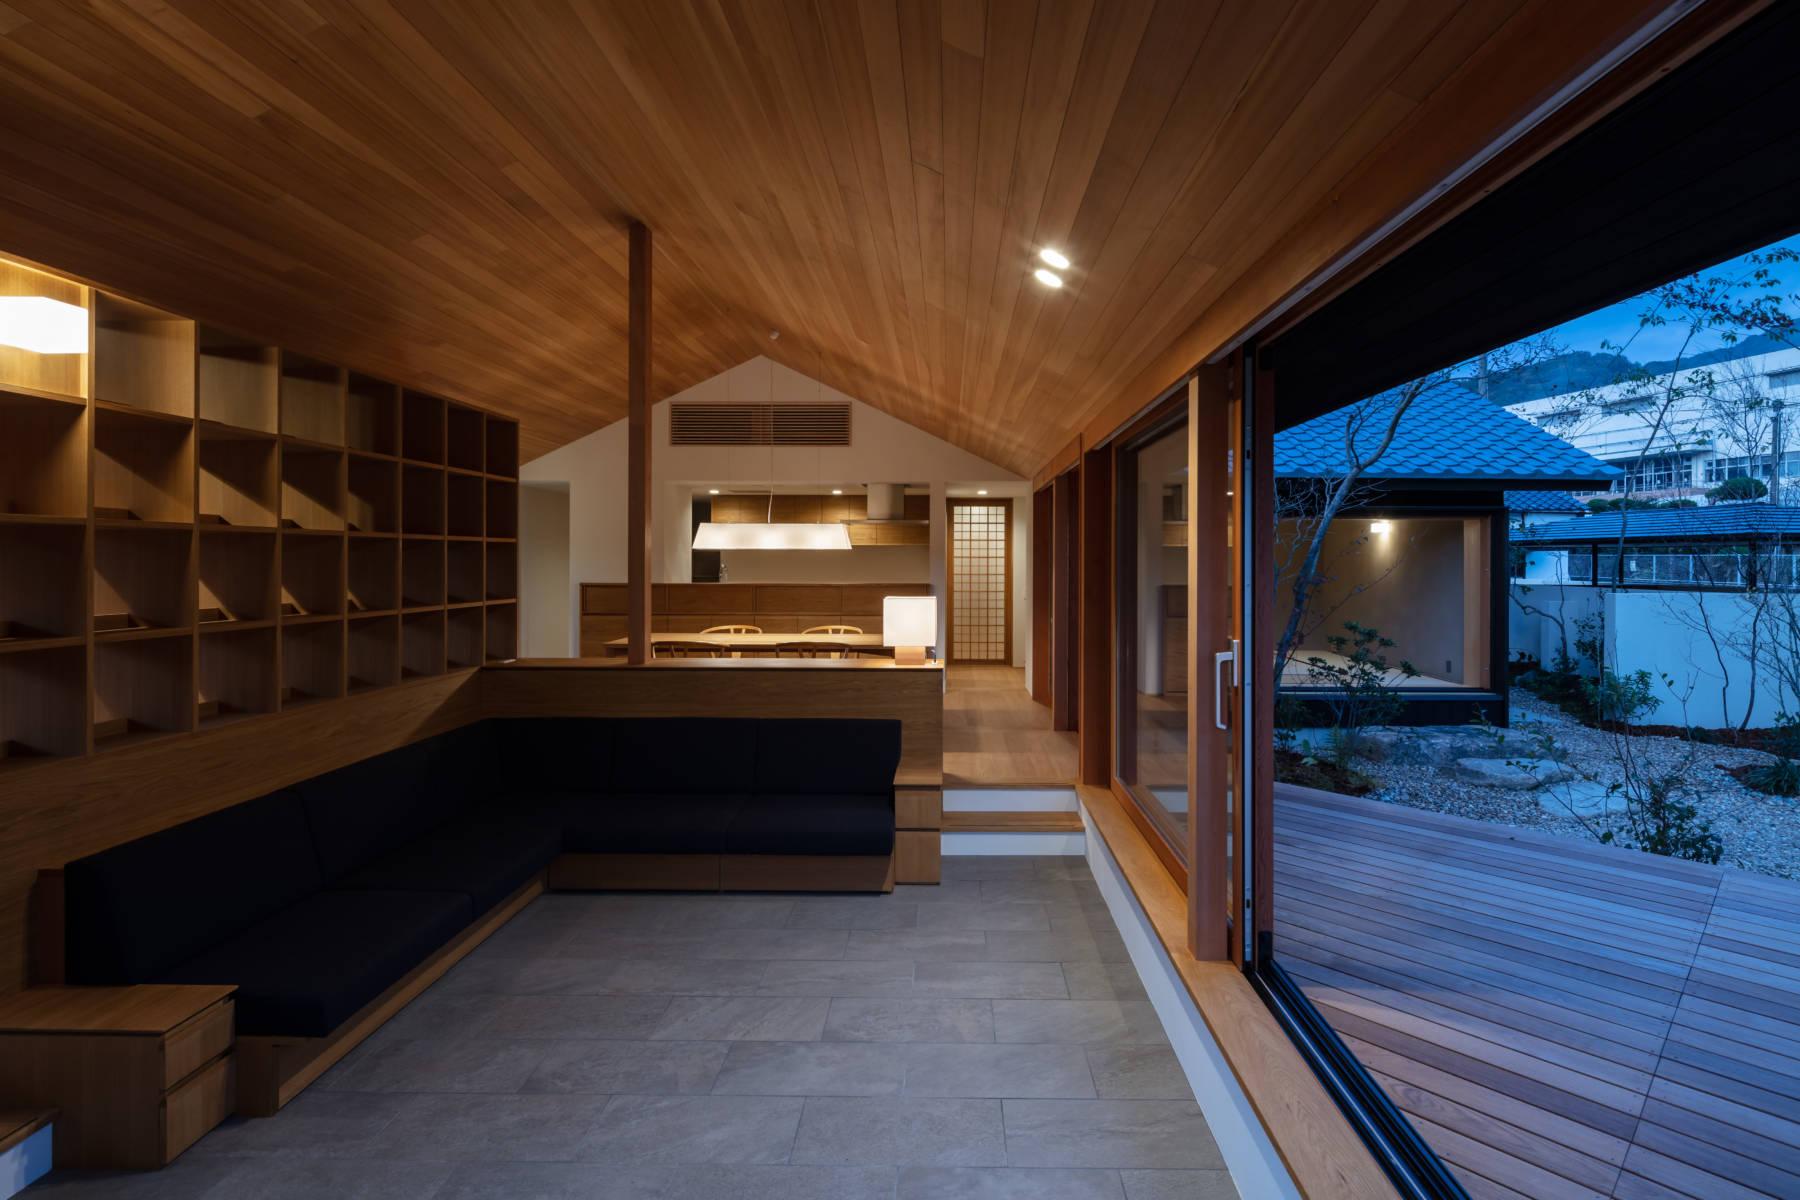 牛窓の家 終の棲家の平屋